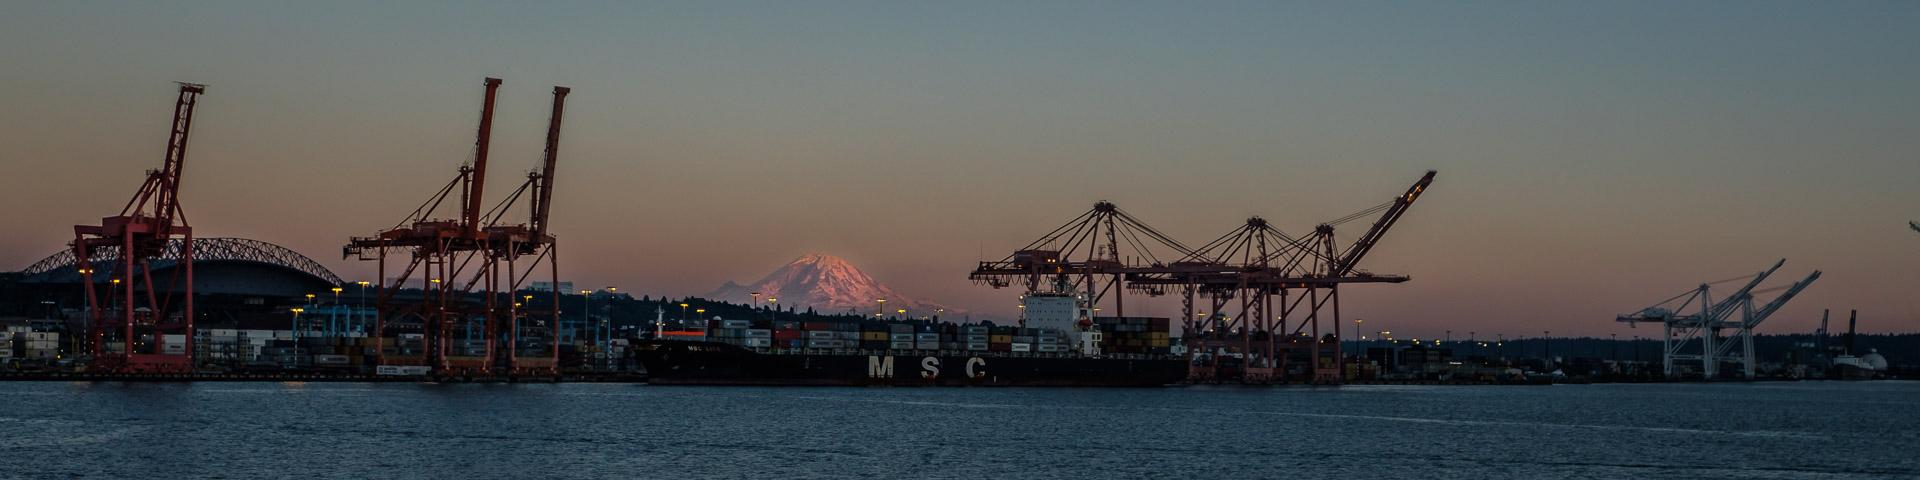 27.7.2017 - Seattle Harbour mit Mt.Rainier (97 km!) im Hintergrund